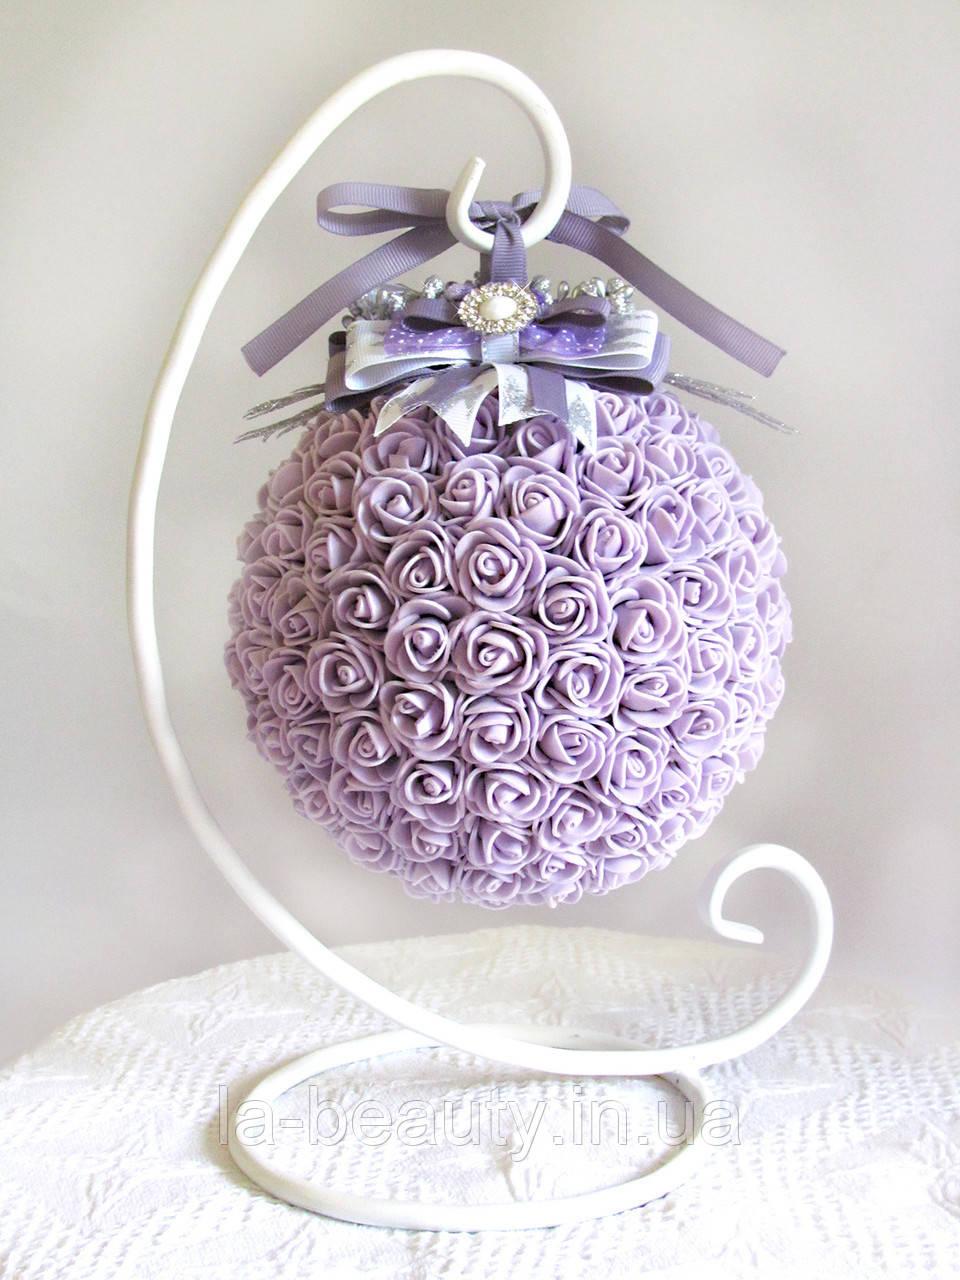 Декор для интерьера или свадьбы в стиле шебби-шик Лаванда Luxury Lavender